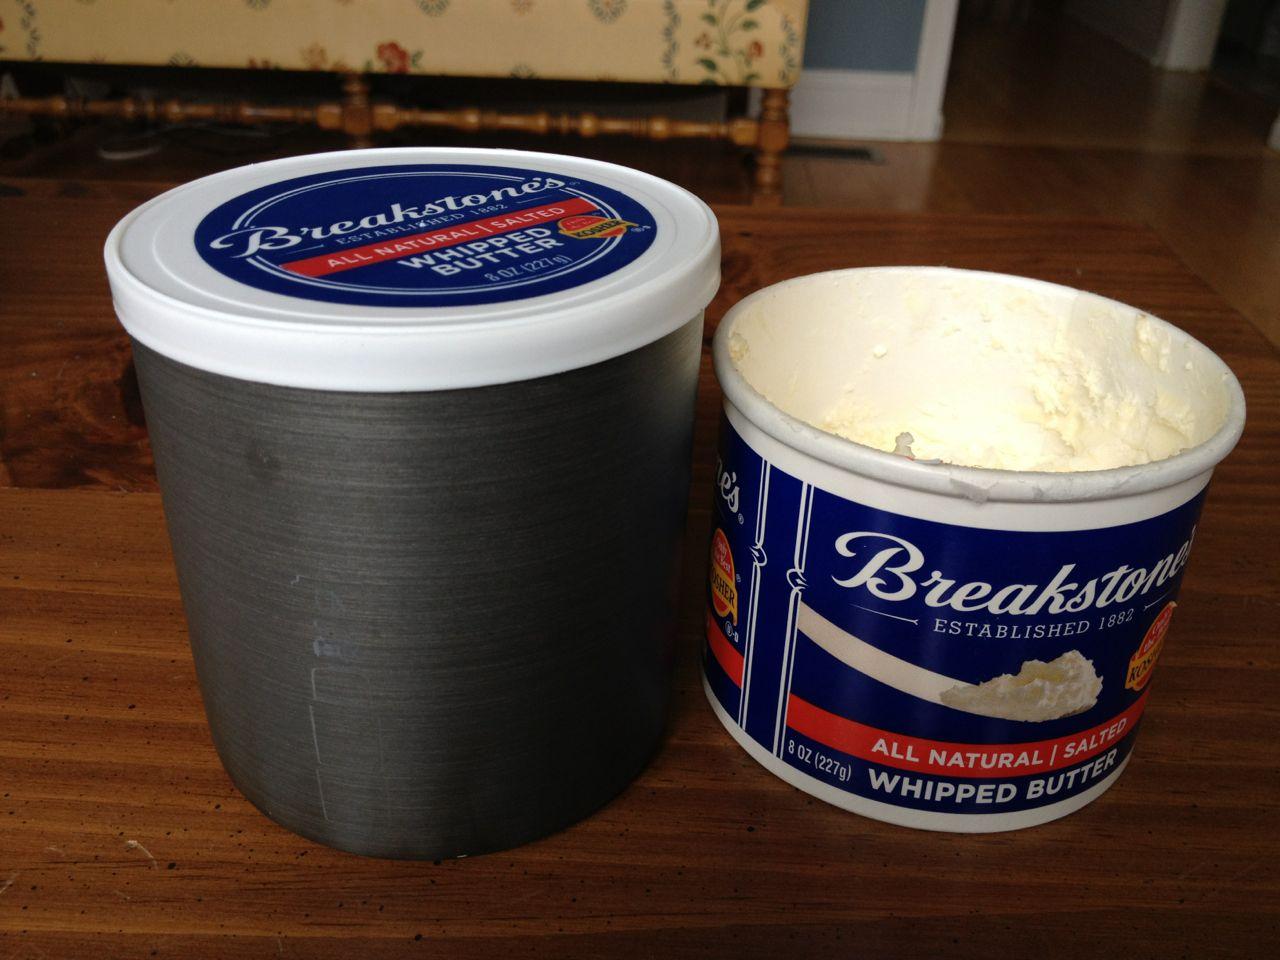 Gsi Minimalist Butter Lid